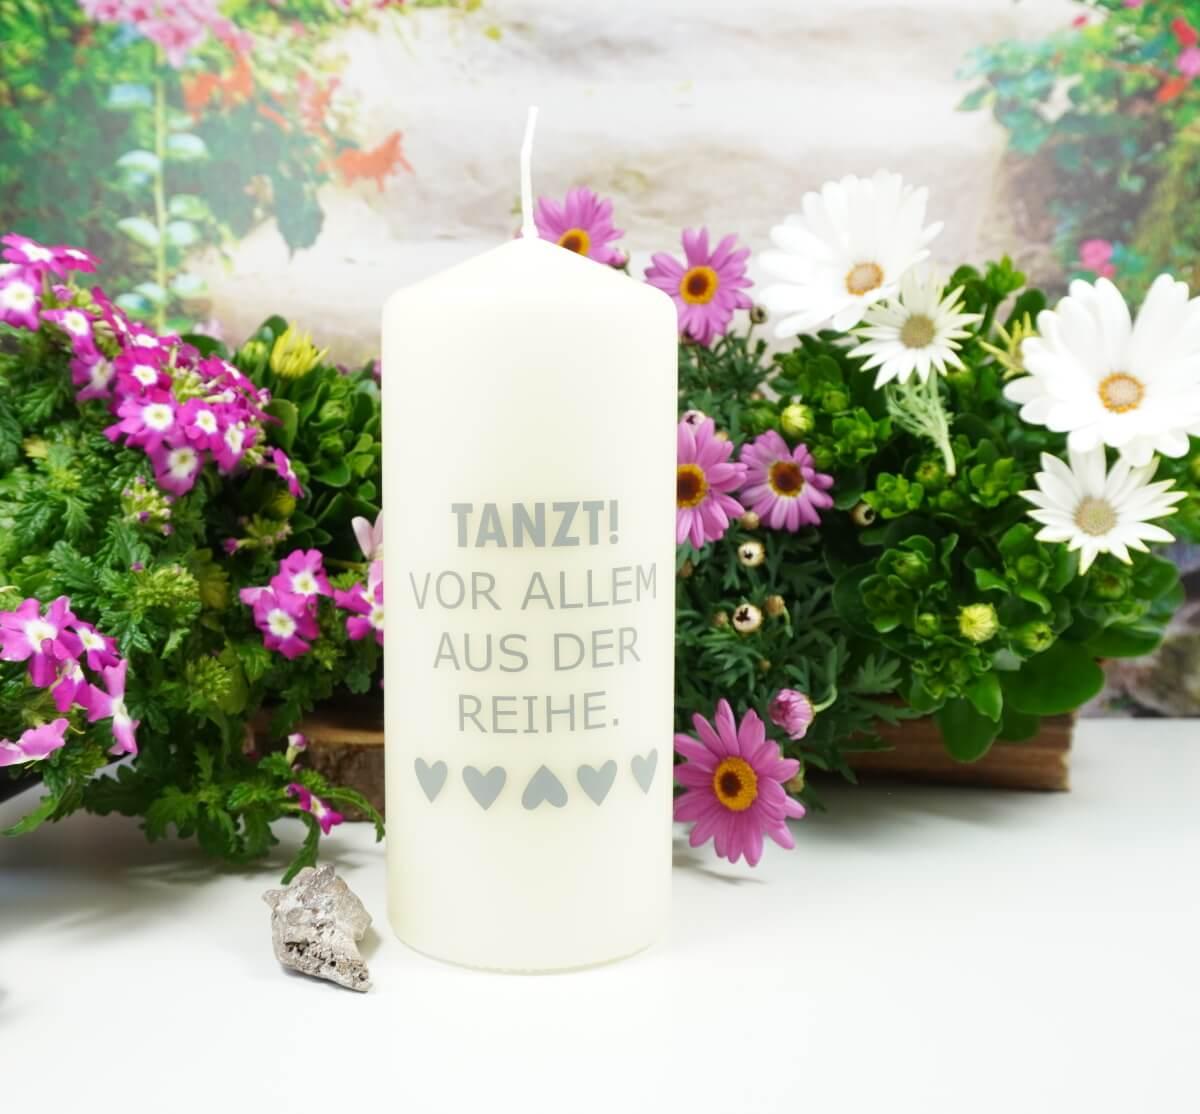 Kerzilein Kerze Flamme Tanzt Vor Allem Aus Der Reihe.